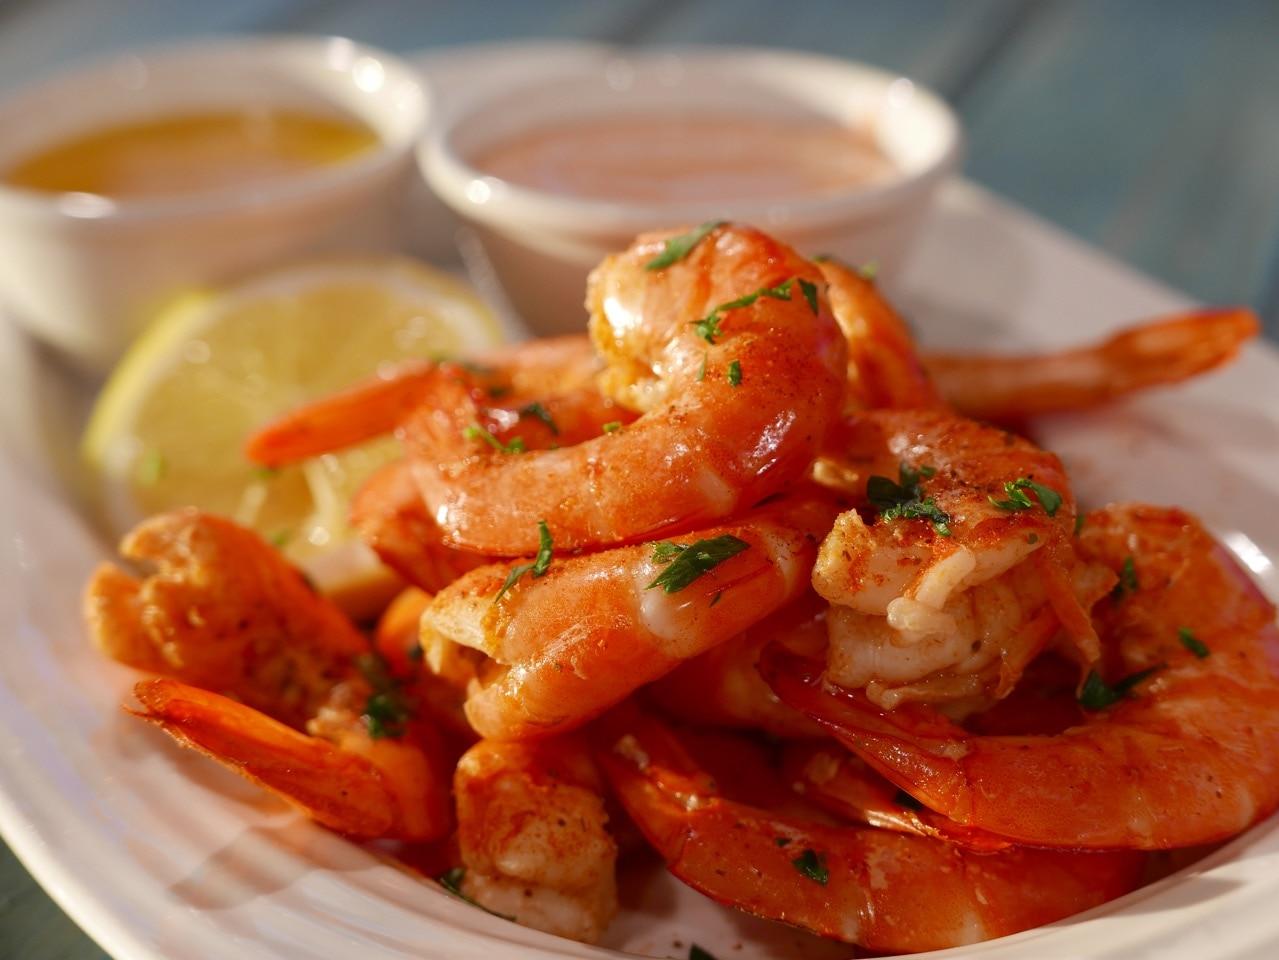 Garlic & Herb Shrimp